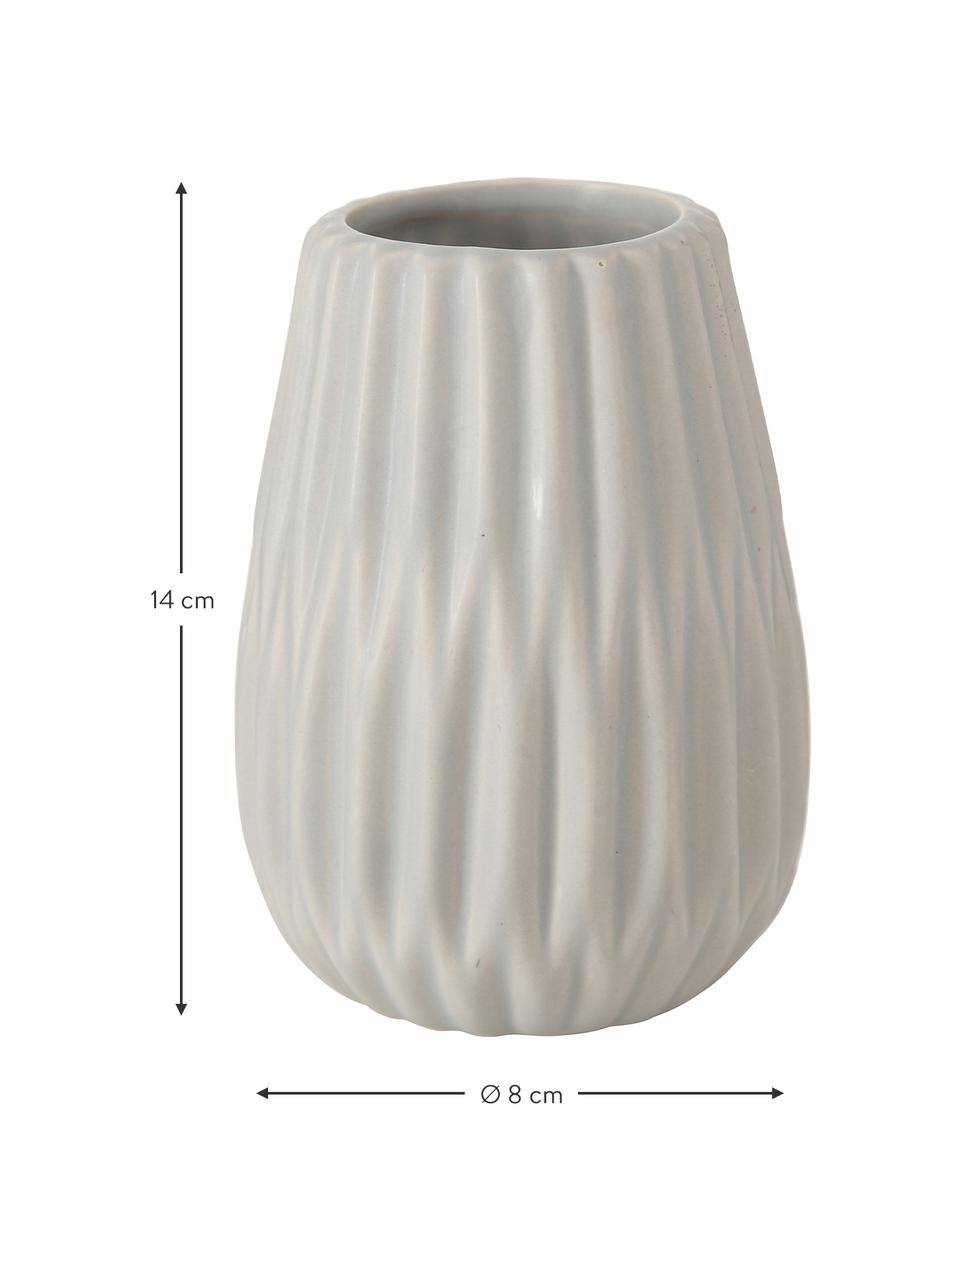 Kleines Vasen-Set Wilma aus Steingut, 3-tlg., Steingut, Grau, Weiß, Rosa, Ø 8 x H 14 cm